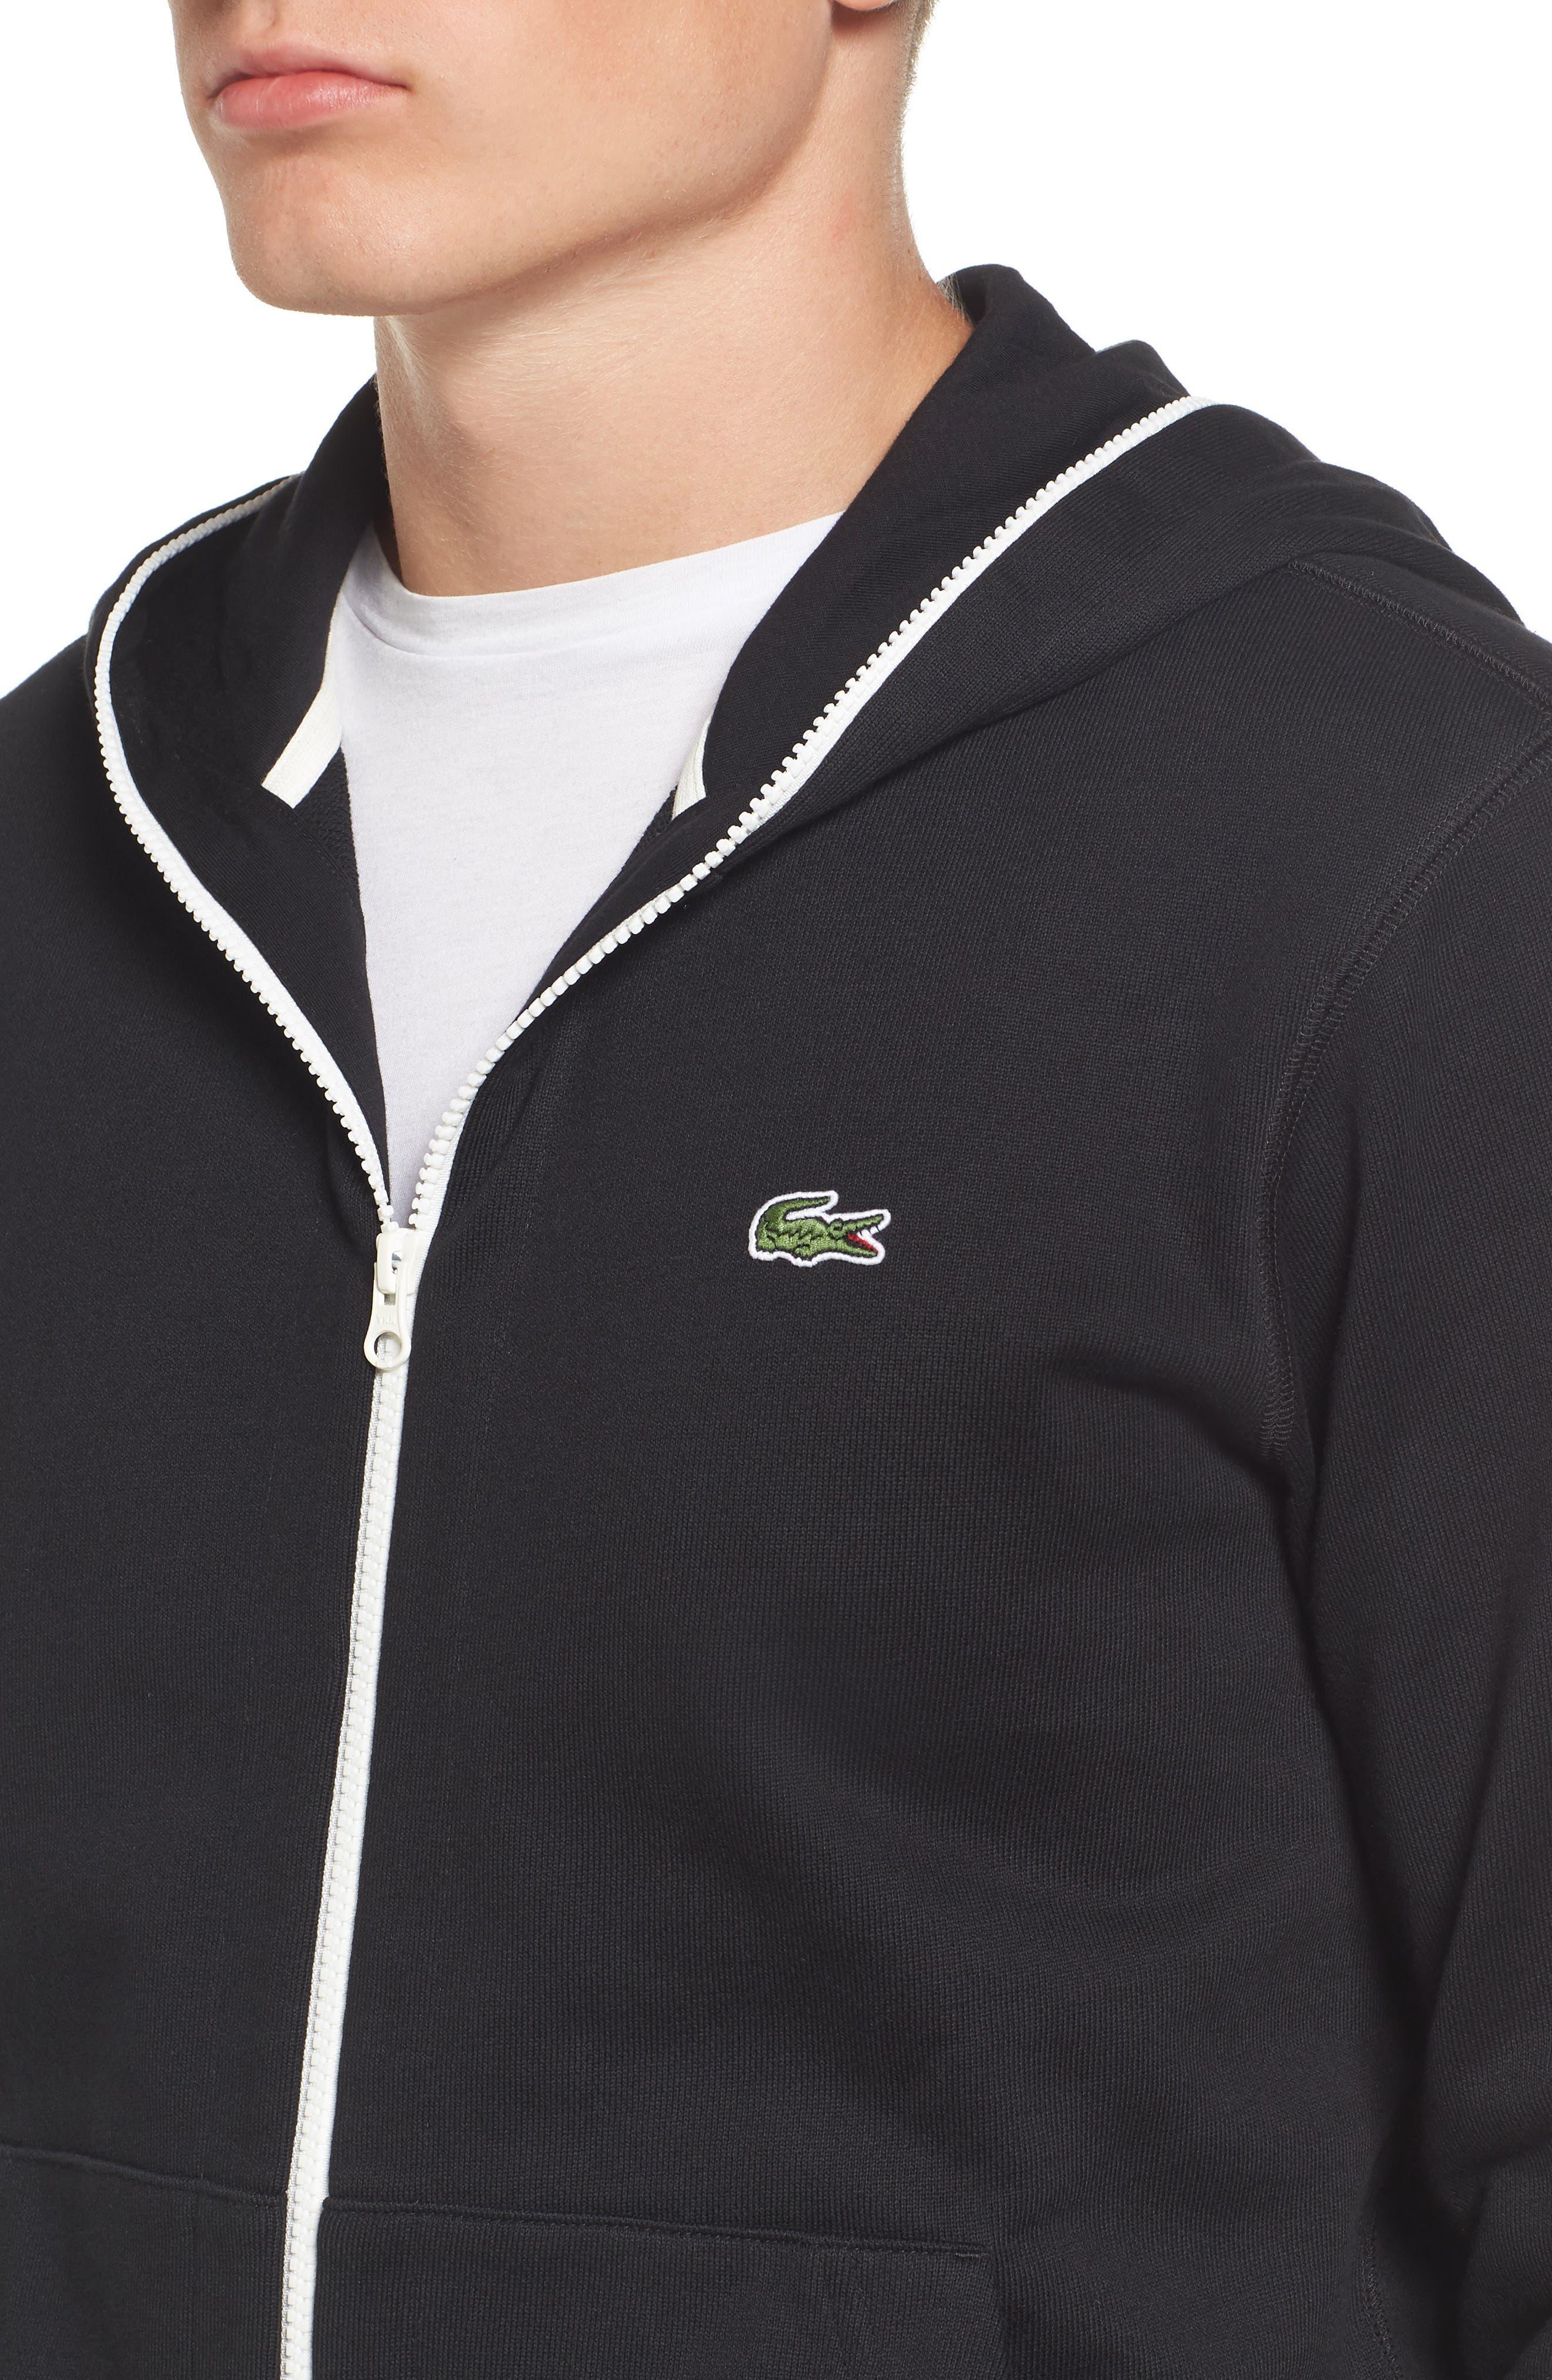 Fleece Zip Sweatshirt,                             Alternate thumbnail 4, color,                             001